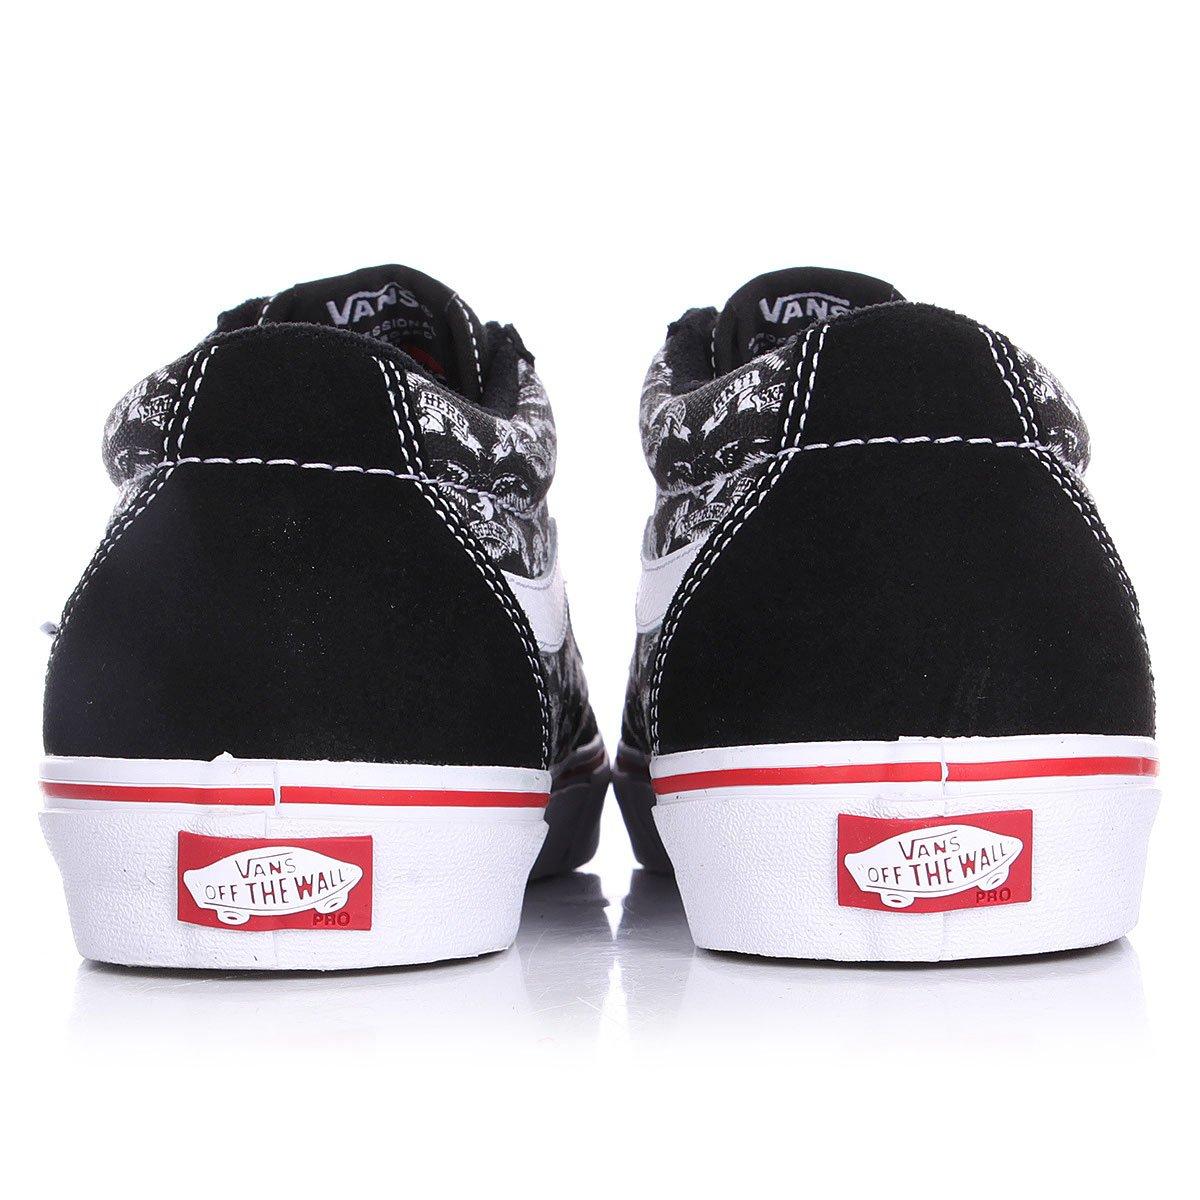 Купить кеды низкие Vans Tnt Sg Anti Hero Black Trujillo в интернет ... 40f7401e50f